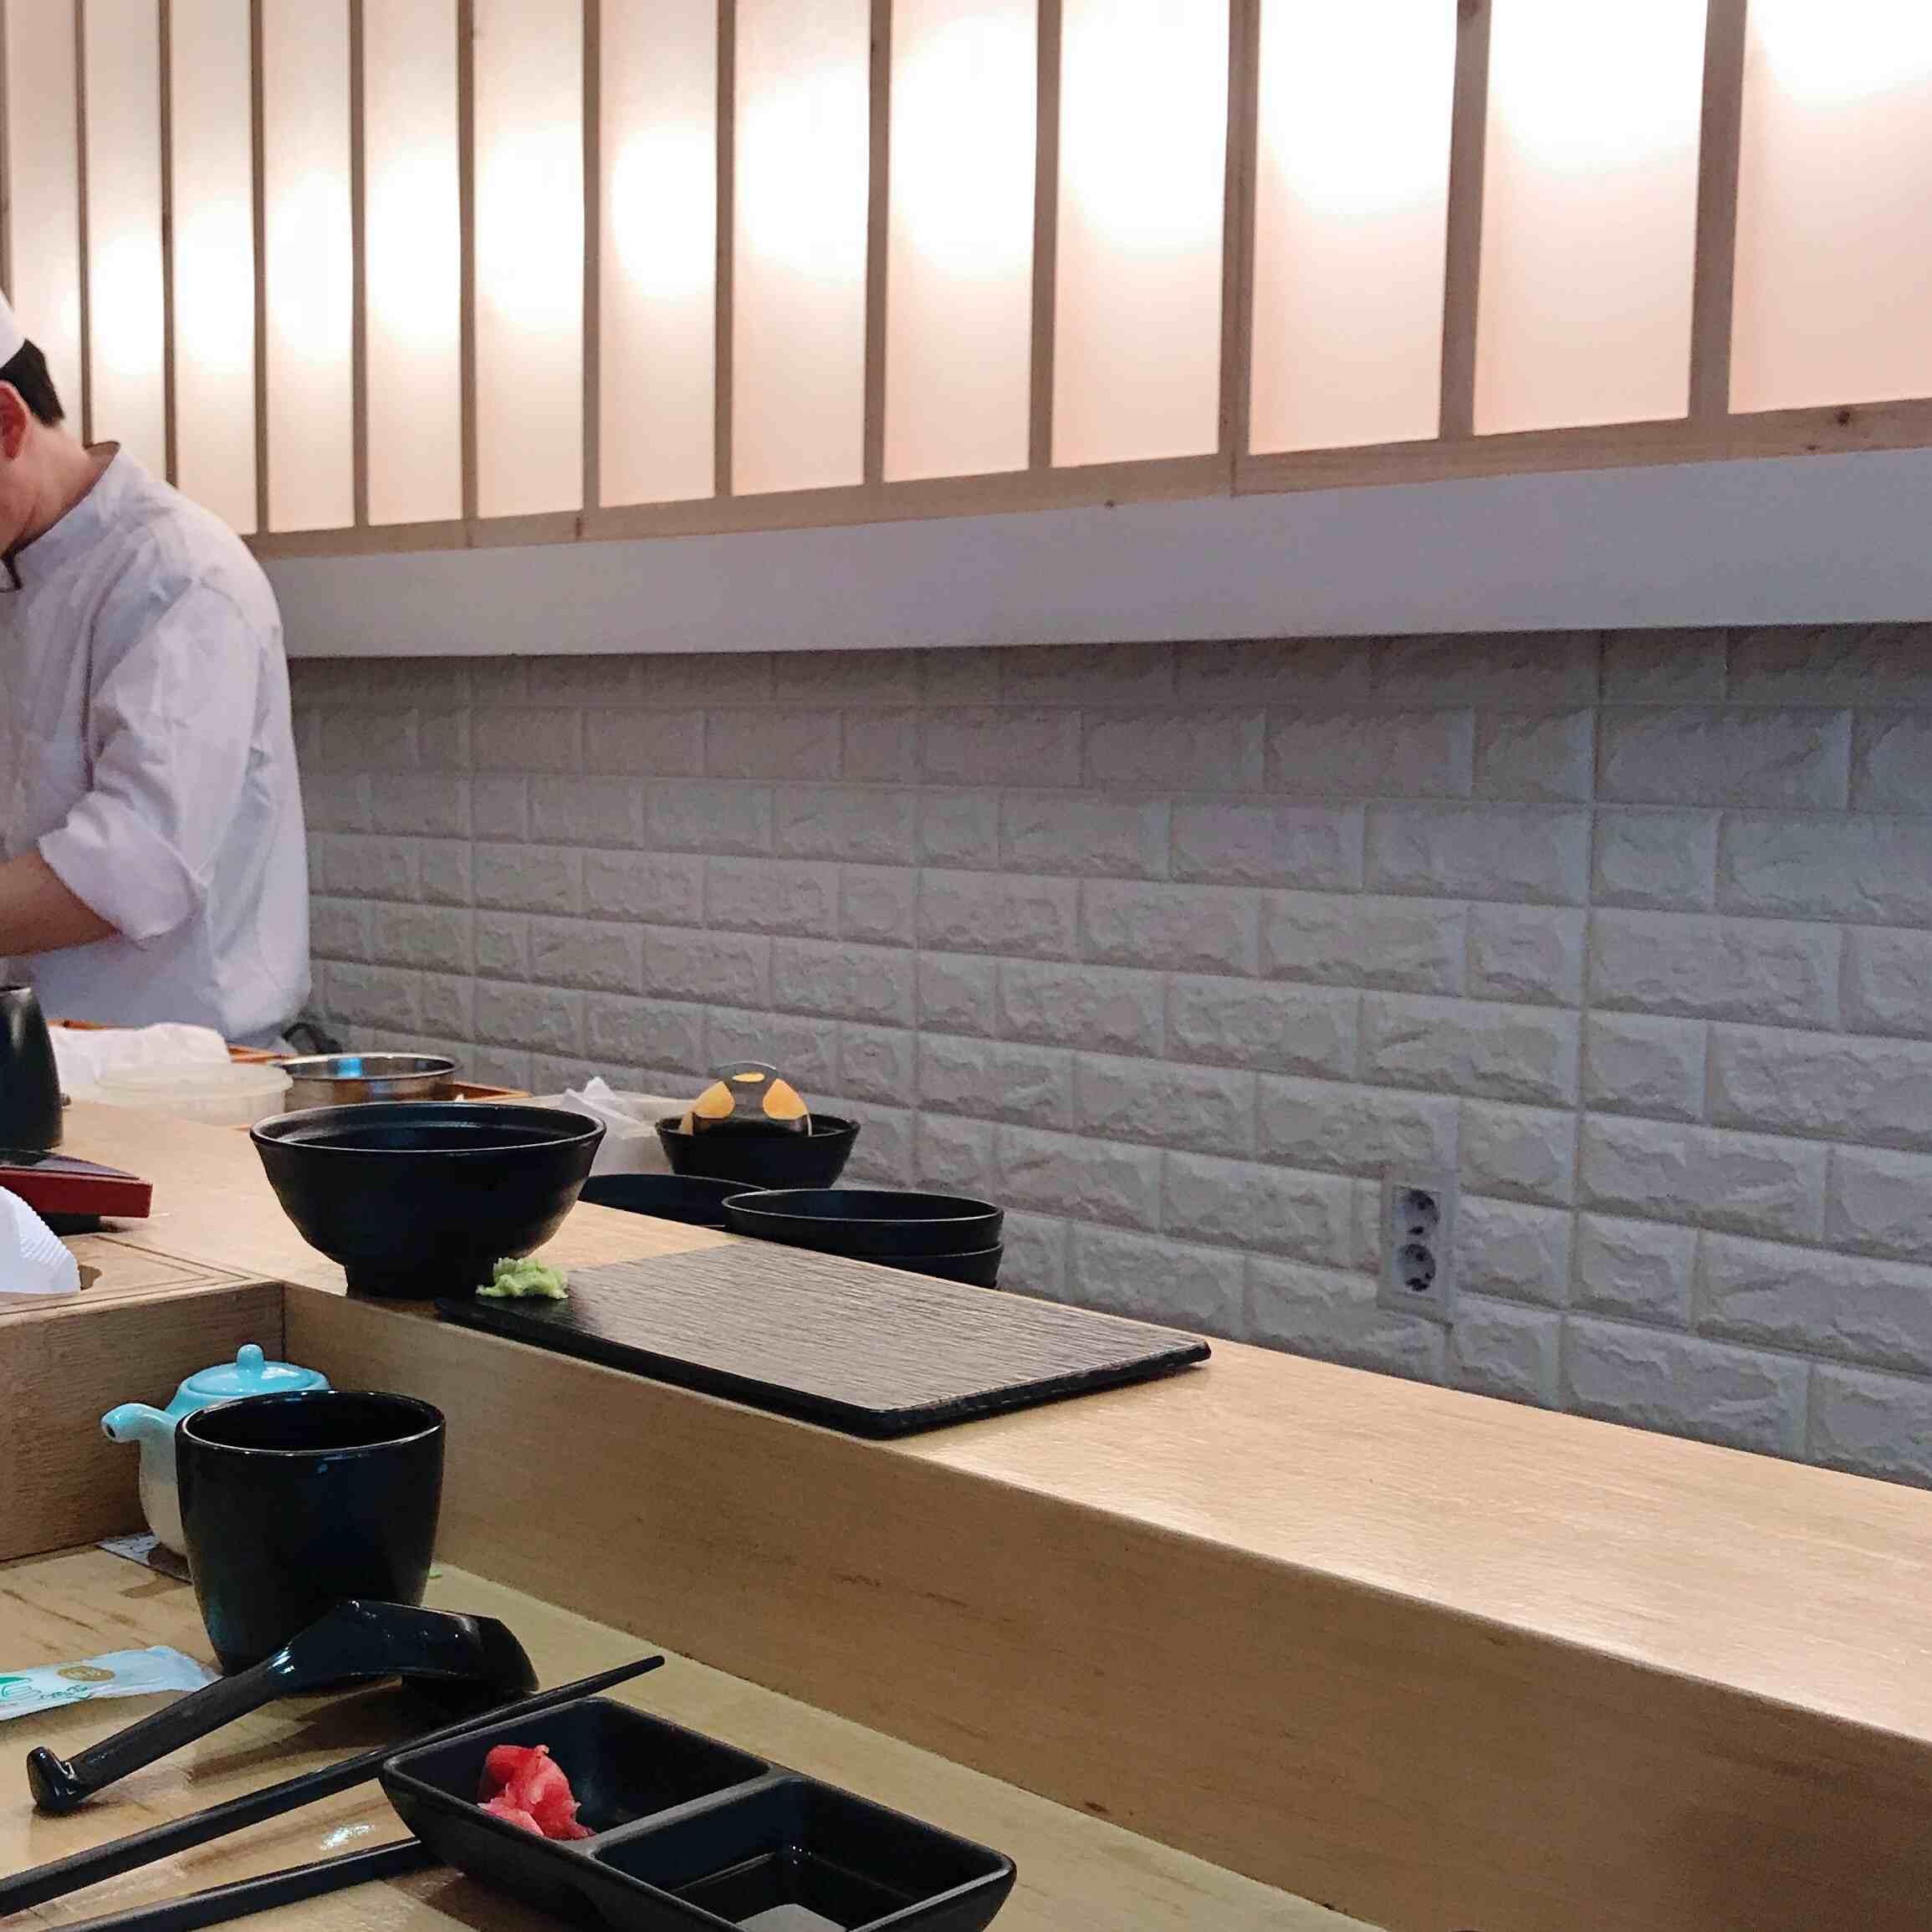 店裡面的位置只有十多個,因為壽司師傅都會一件一件的弄好,然後放到放在客人前方的盤子上的喔!